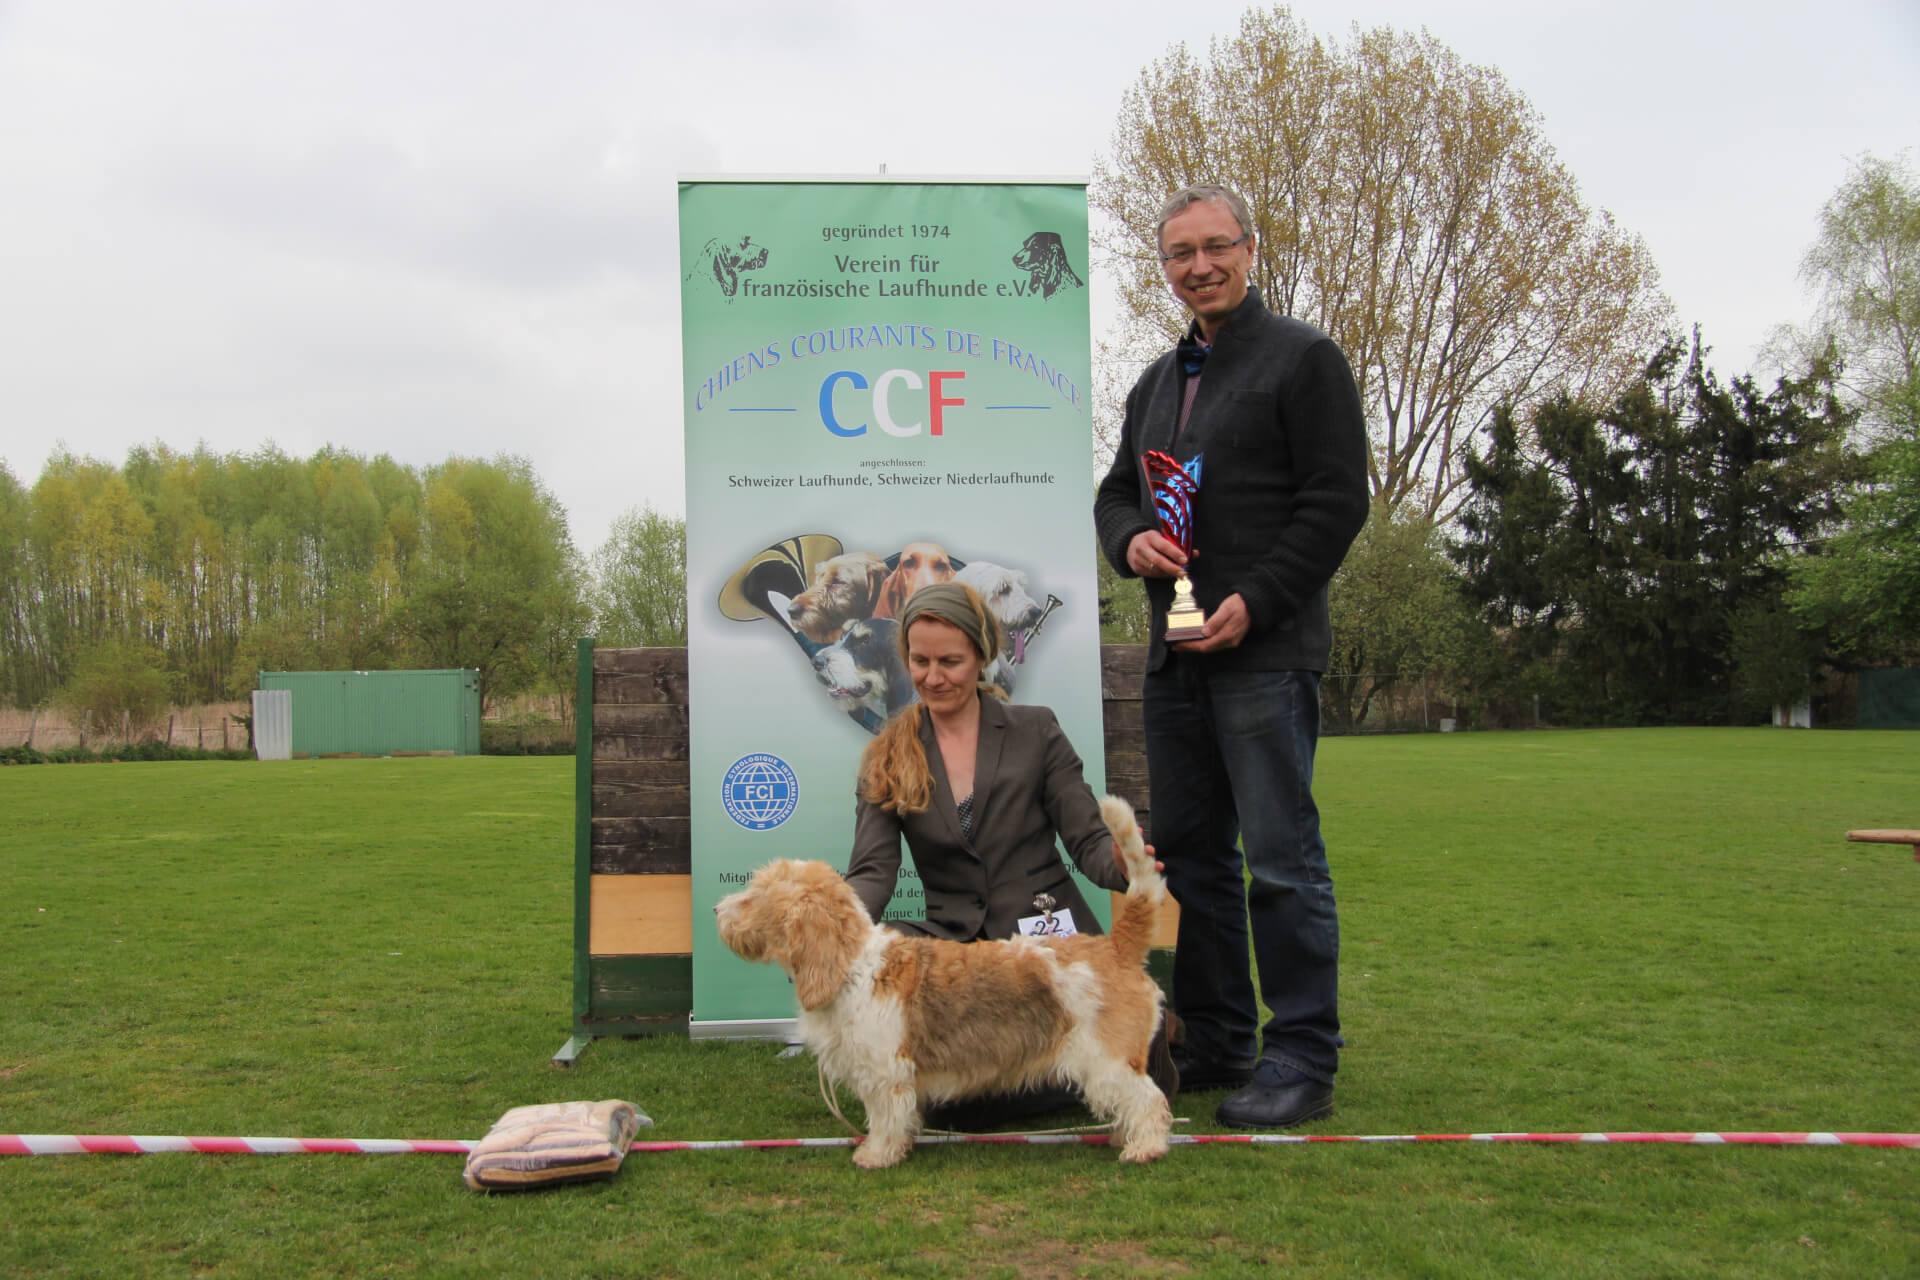 Verein für Französische Laufhunde Finnlander´s Born to be Wild